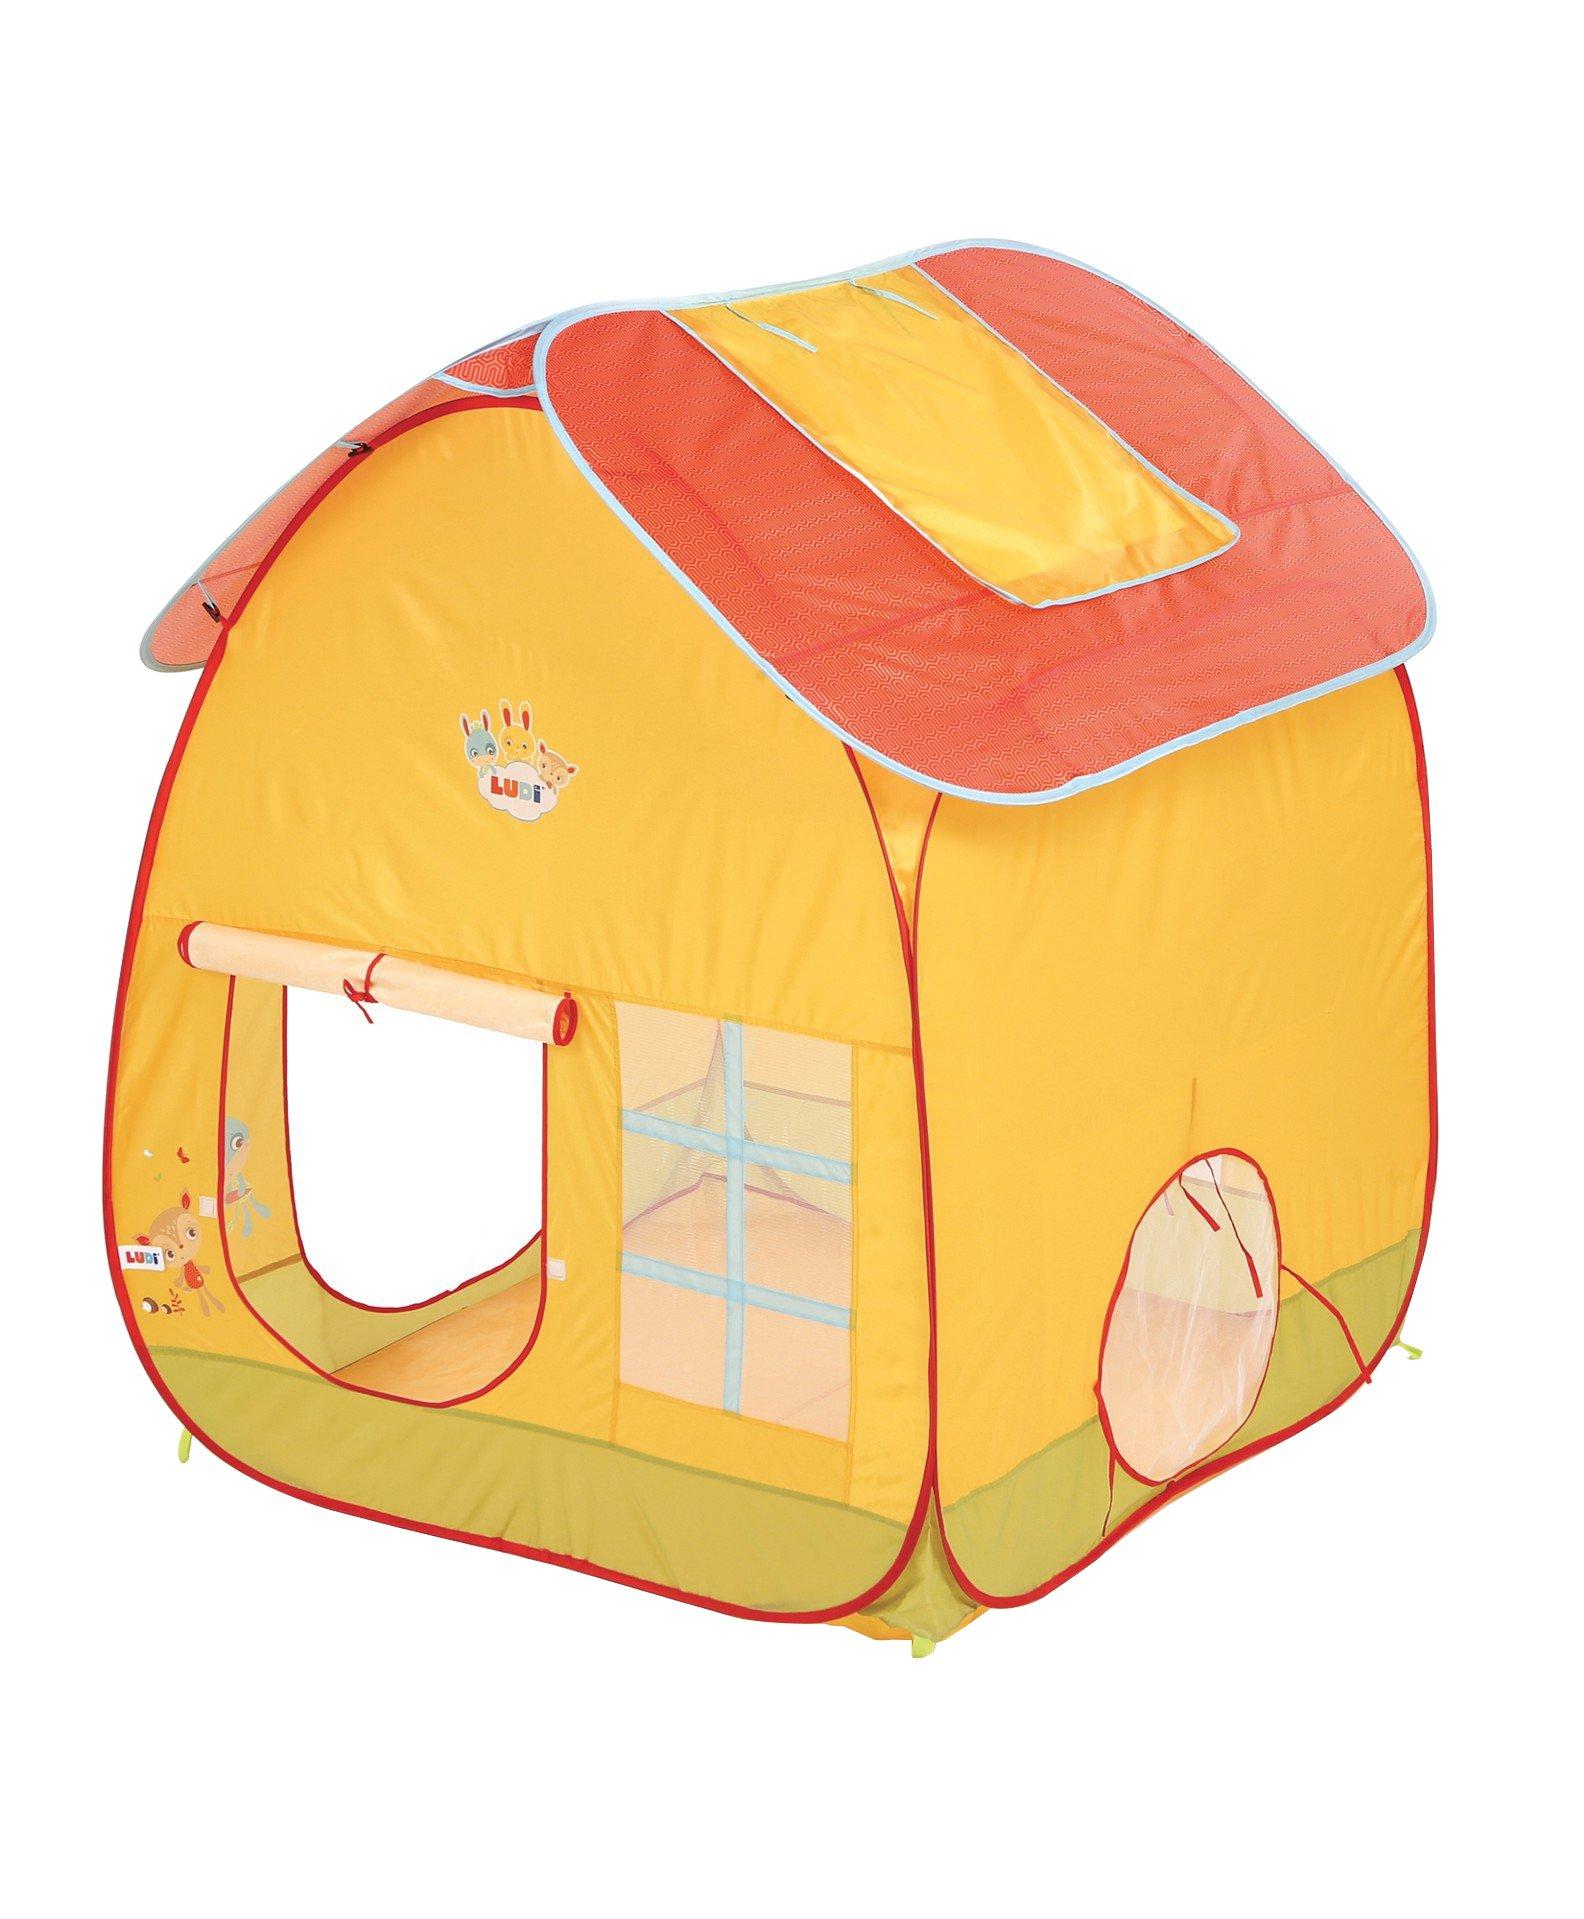 Ludi - Garden playhouse (90019)